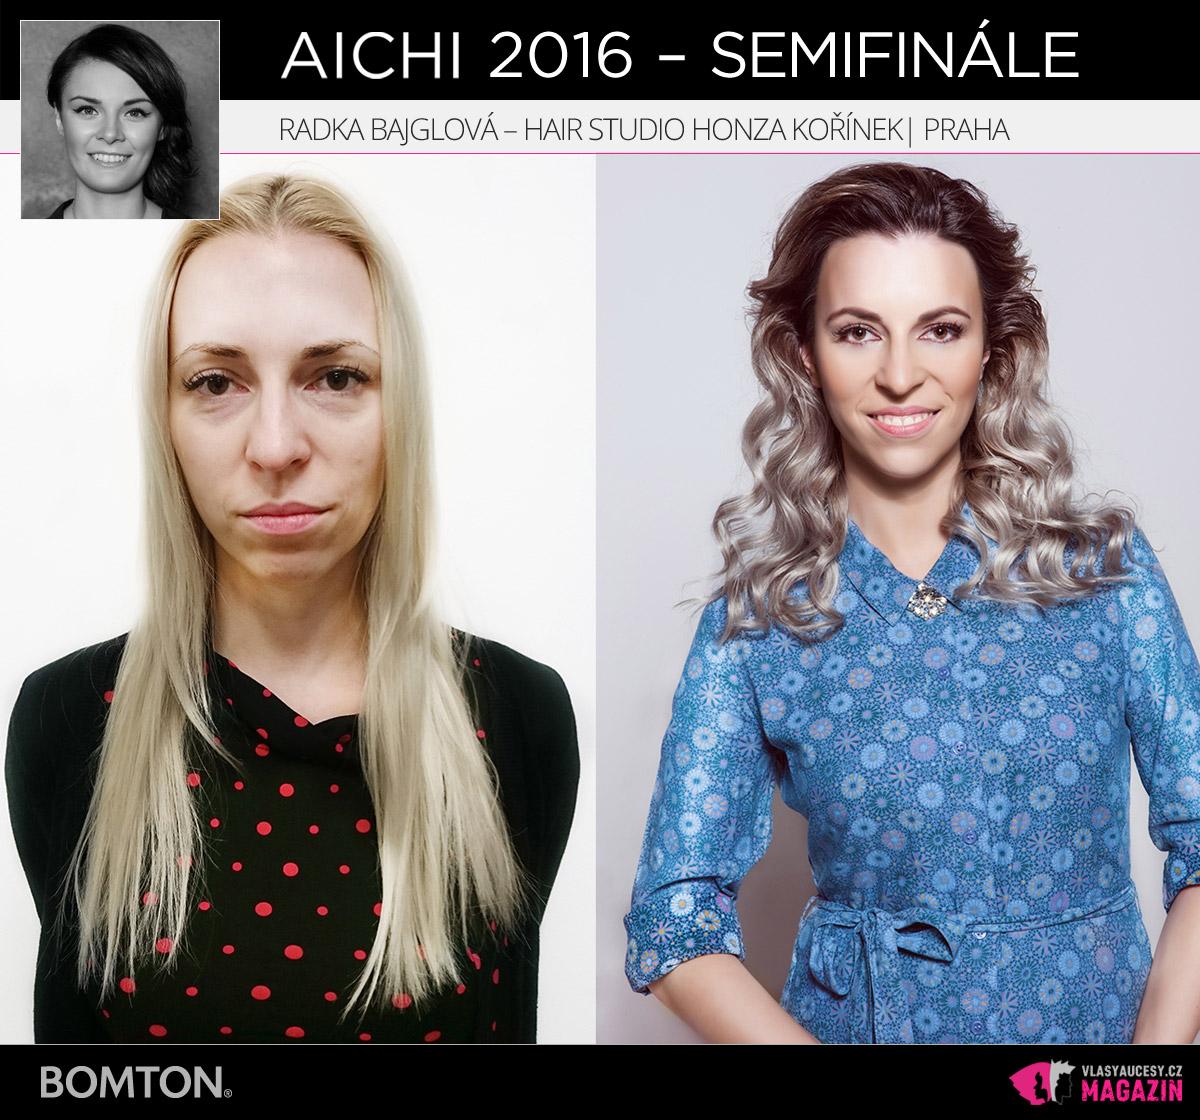 Nominační proměna AICHI 2016: Radka Bajglová, Hair studio Honza Kořínek, Praha